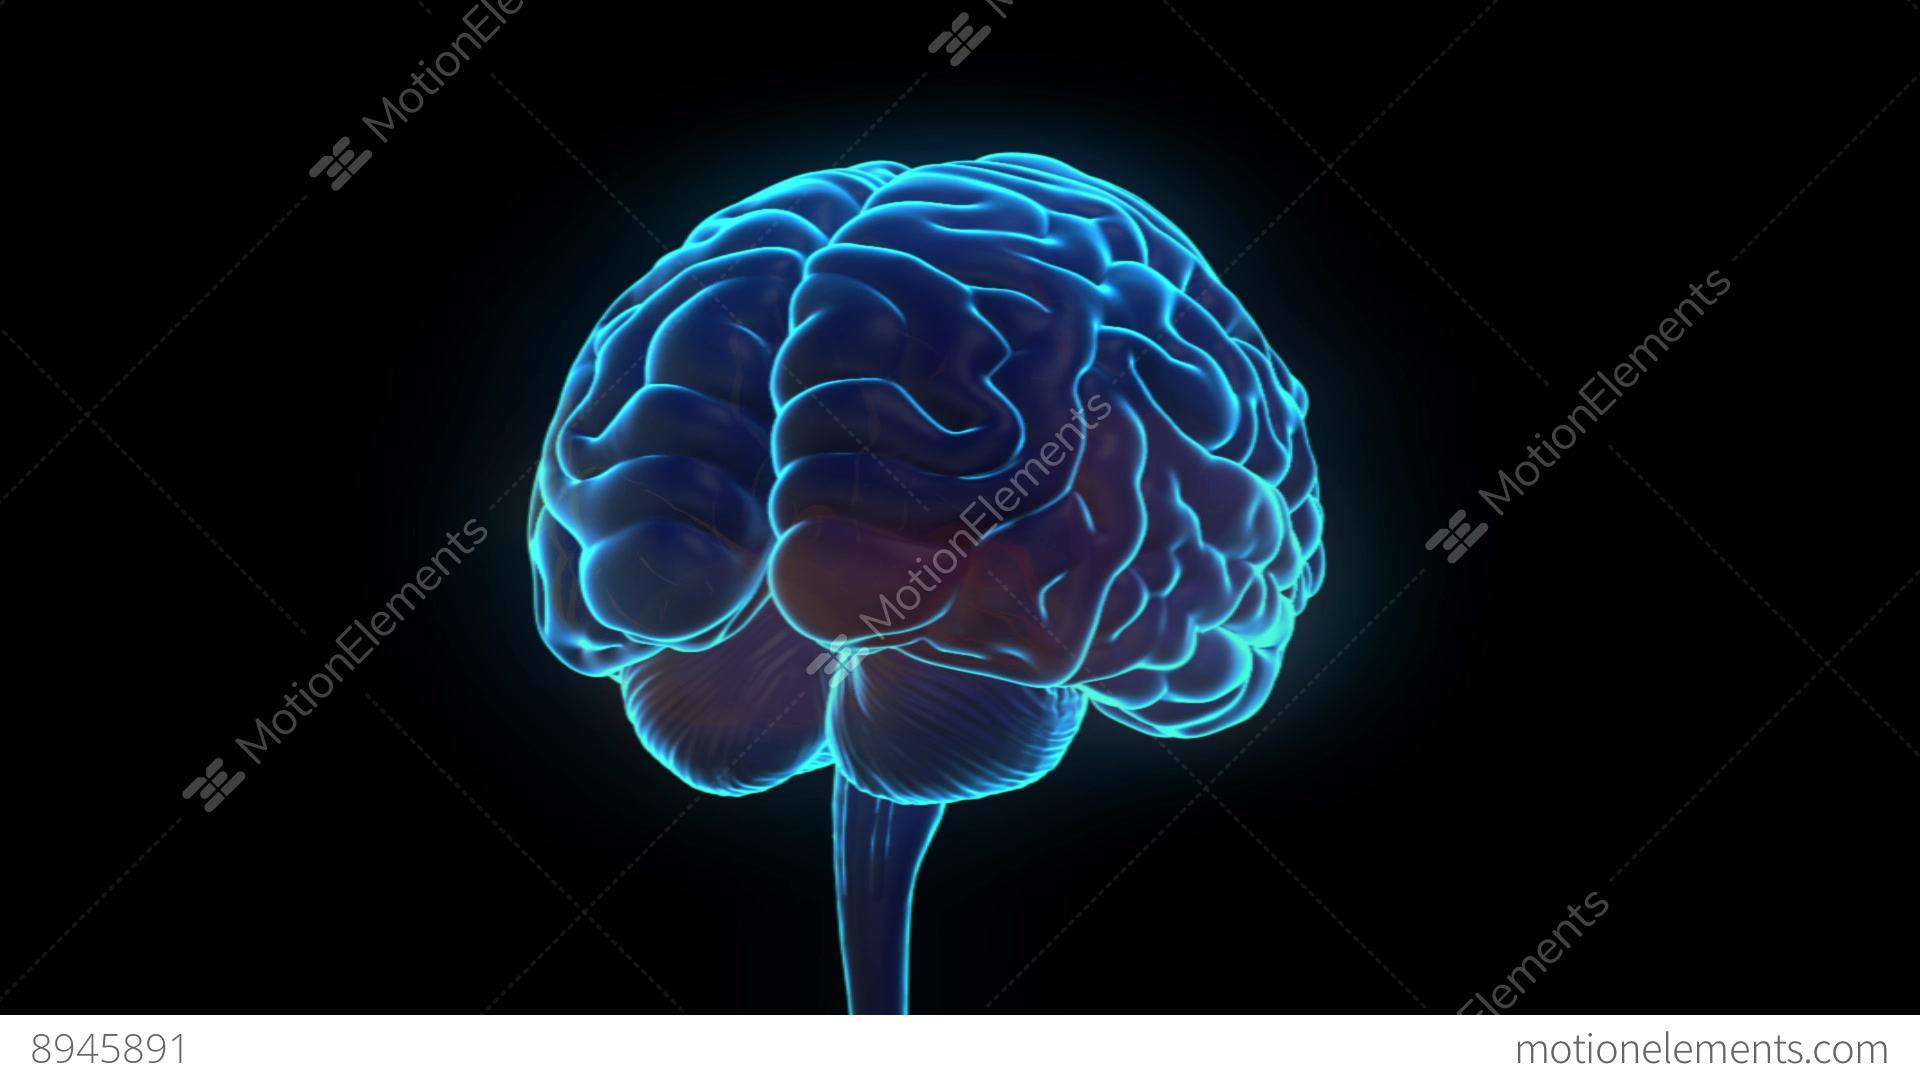 Science fiction medical design element rotating human brain science fiction medical design element rotating human stock video footage ccuart Gallery